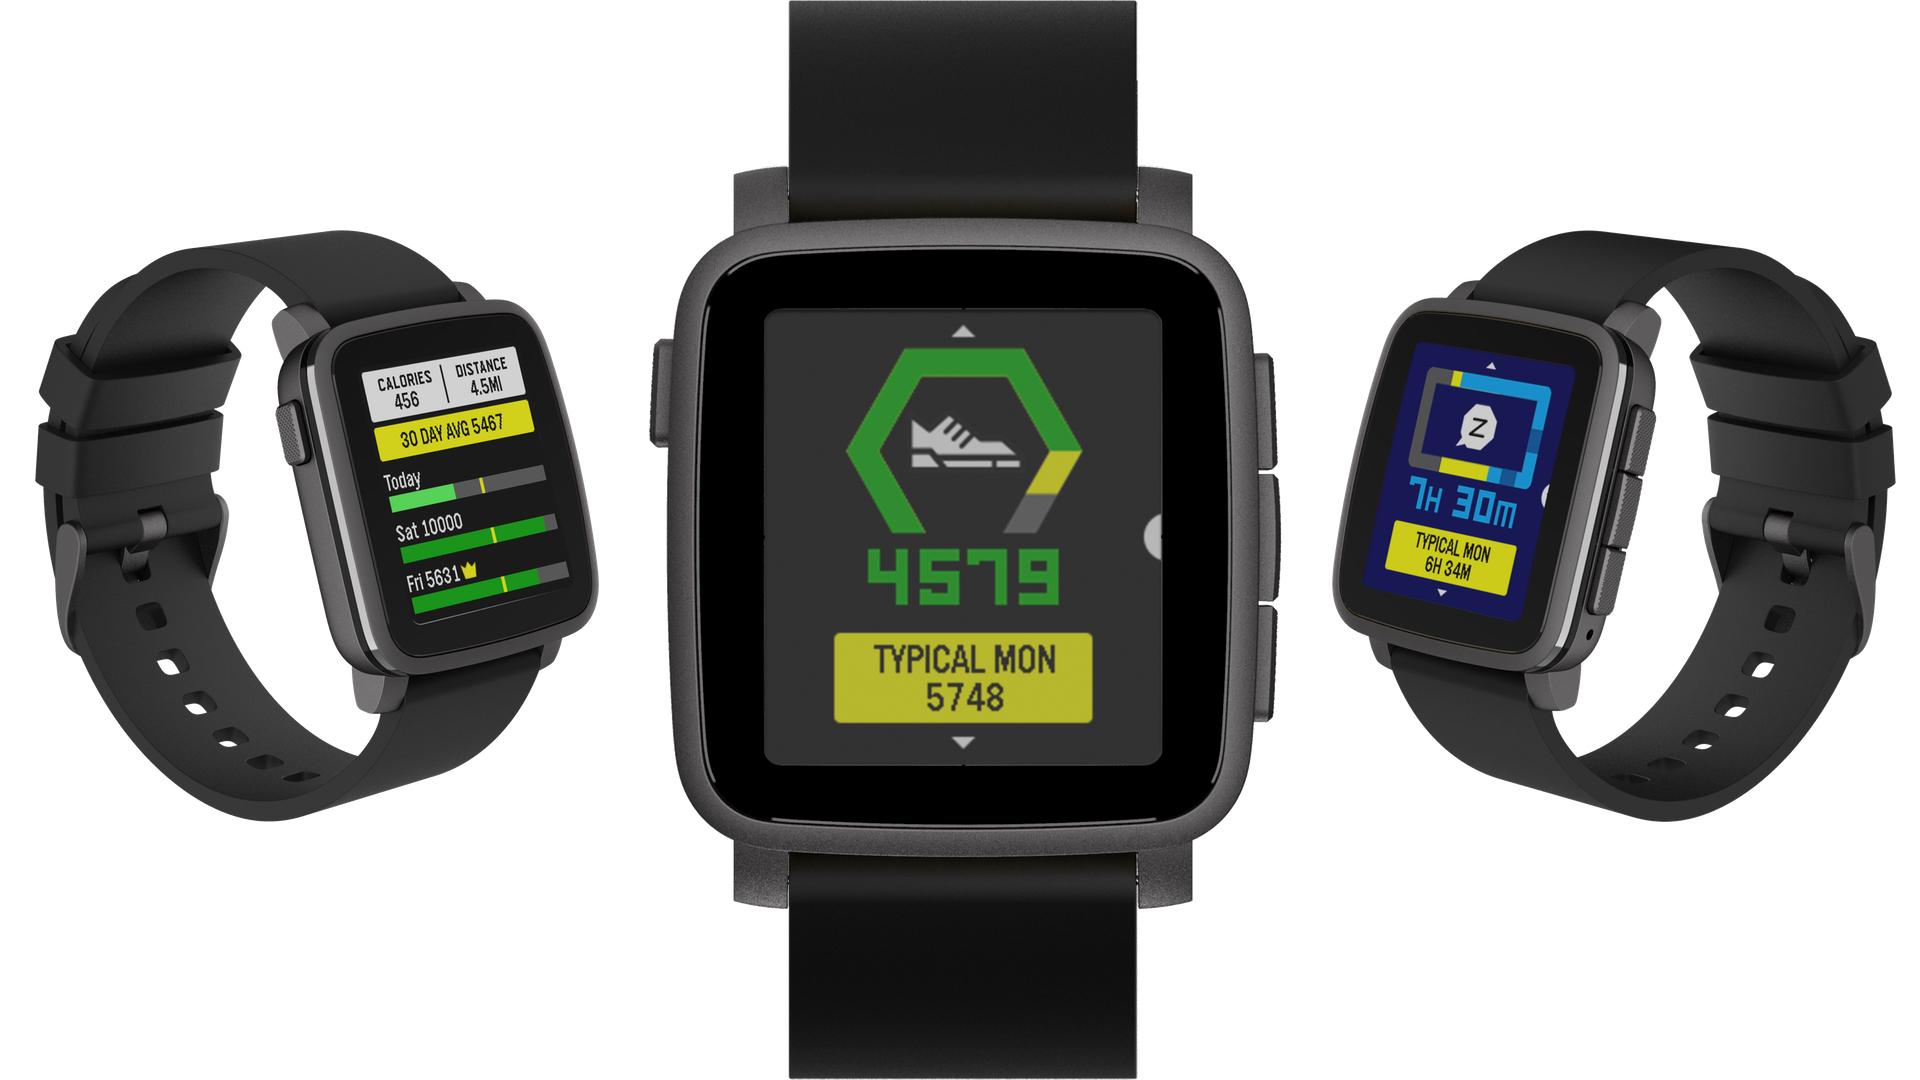 Duża aktualizacja dla zegarków Pebble! Producent szykuje się do walki z konkurencją